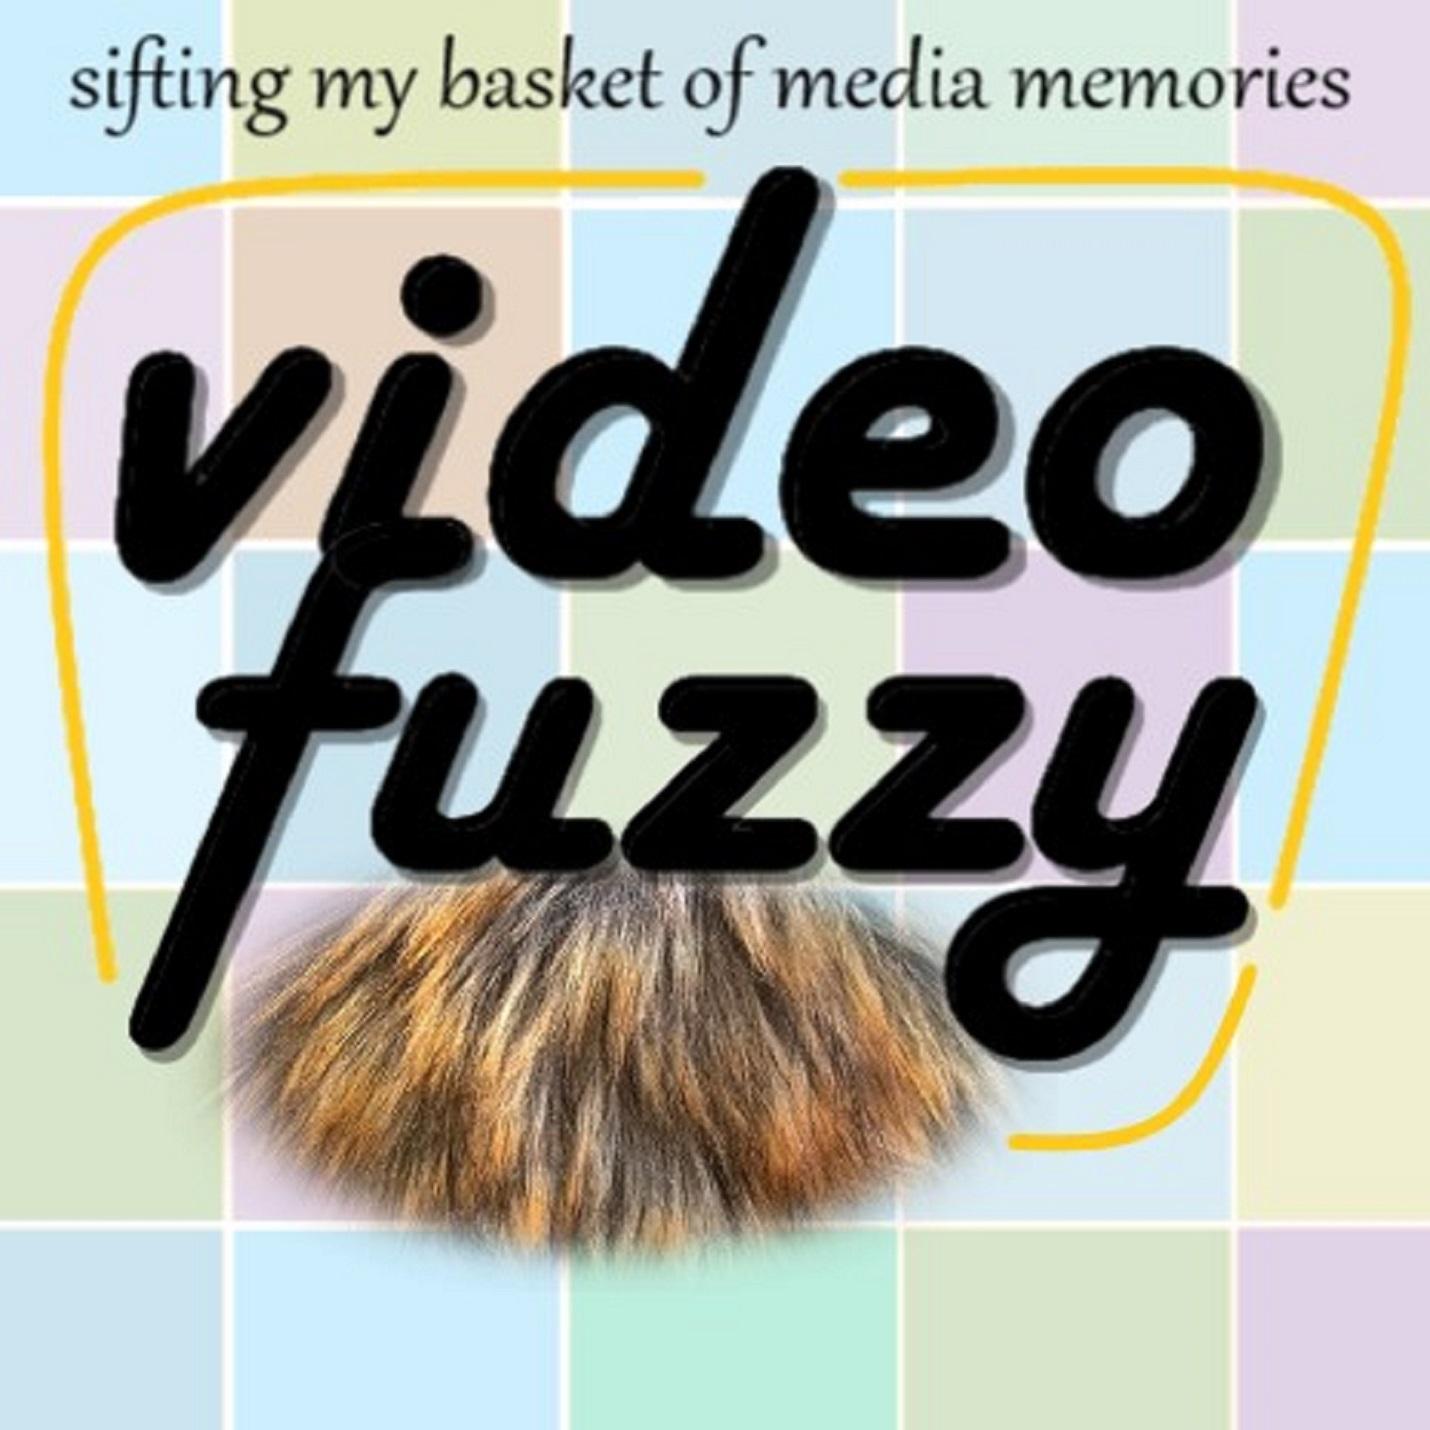 VideoFuzzy show art